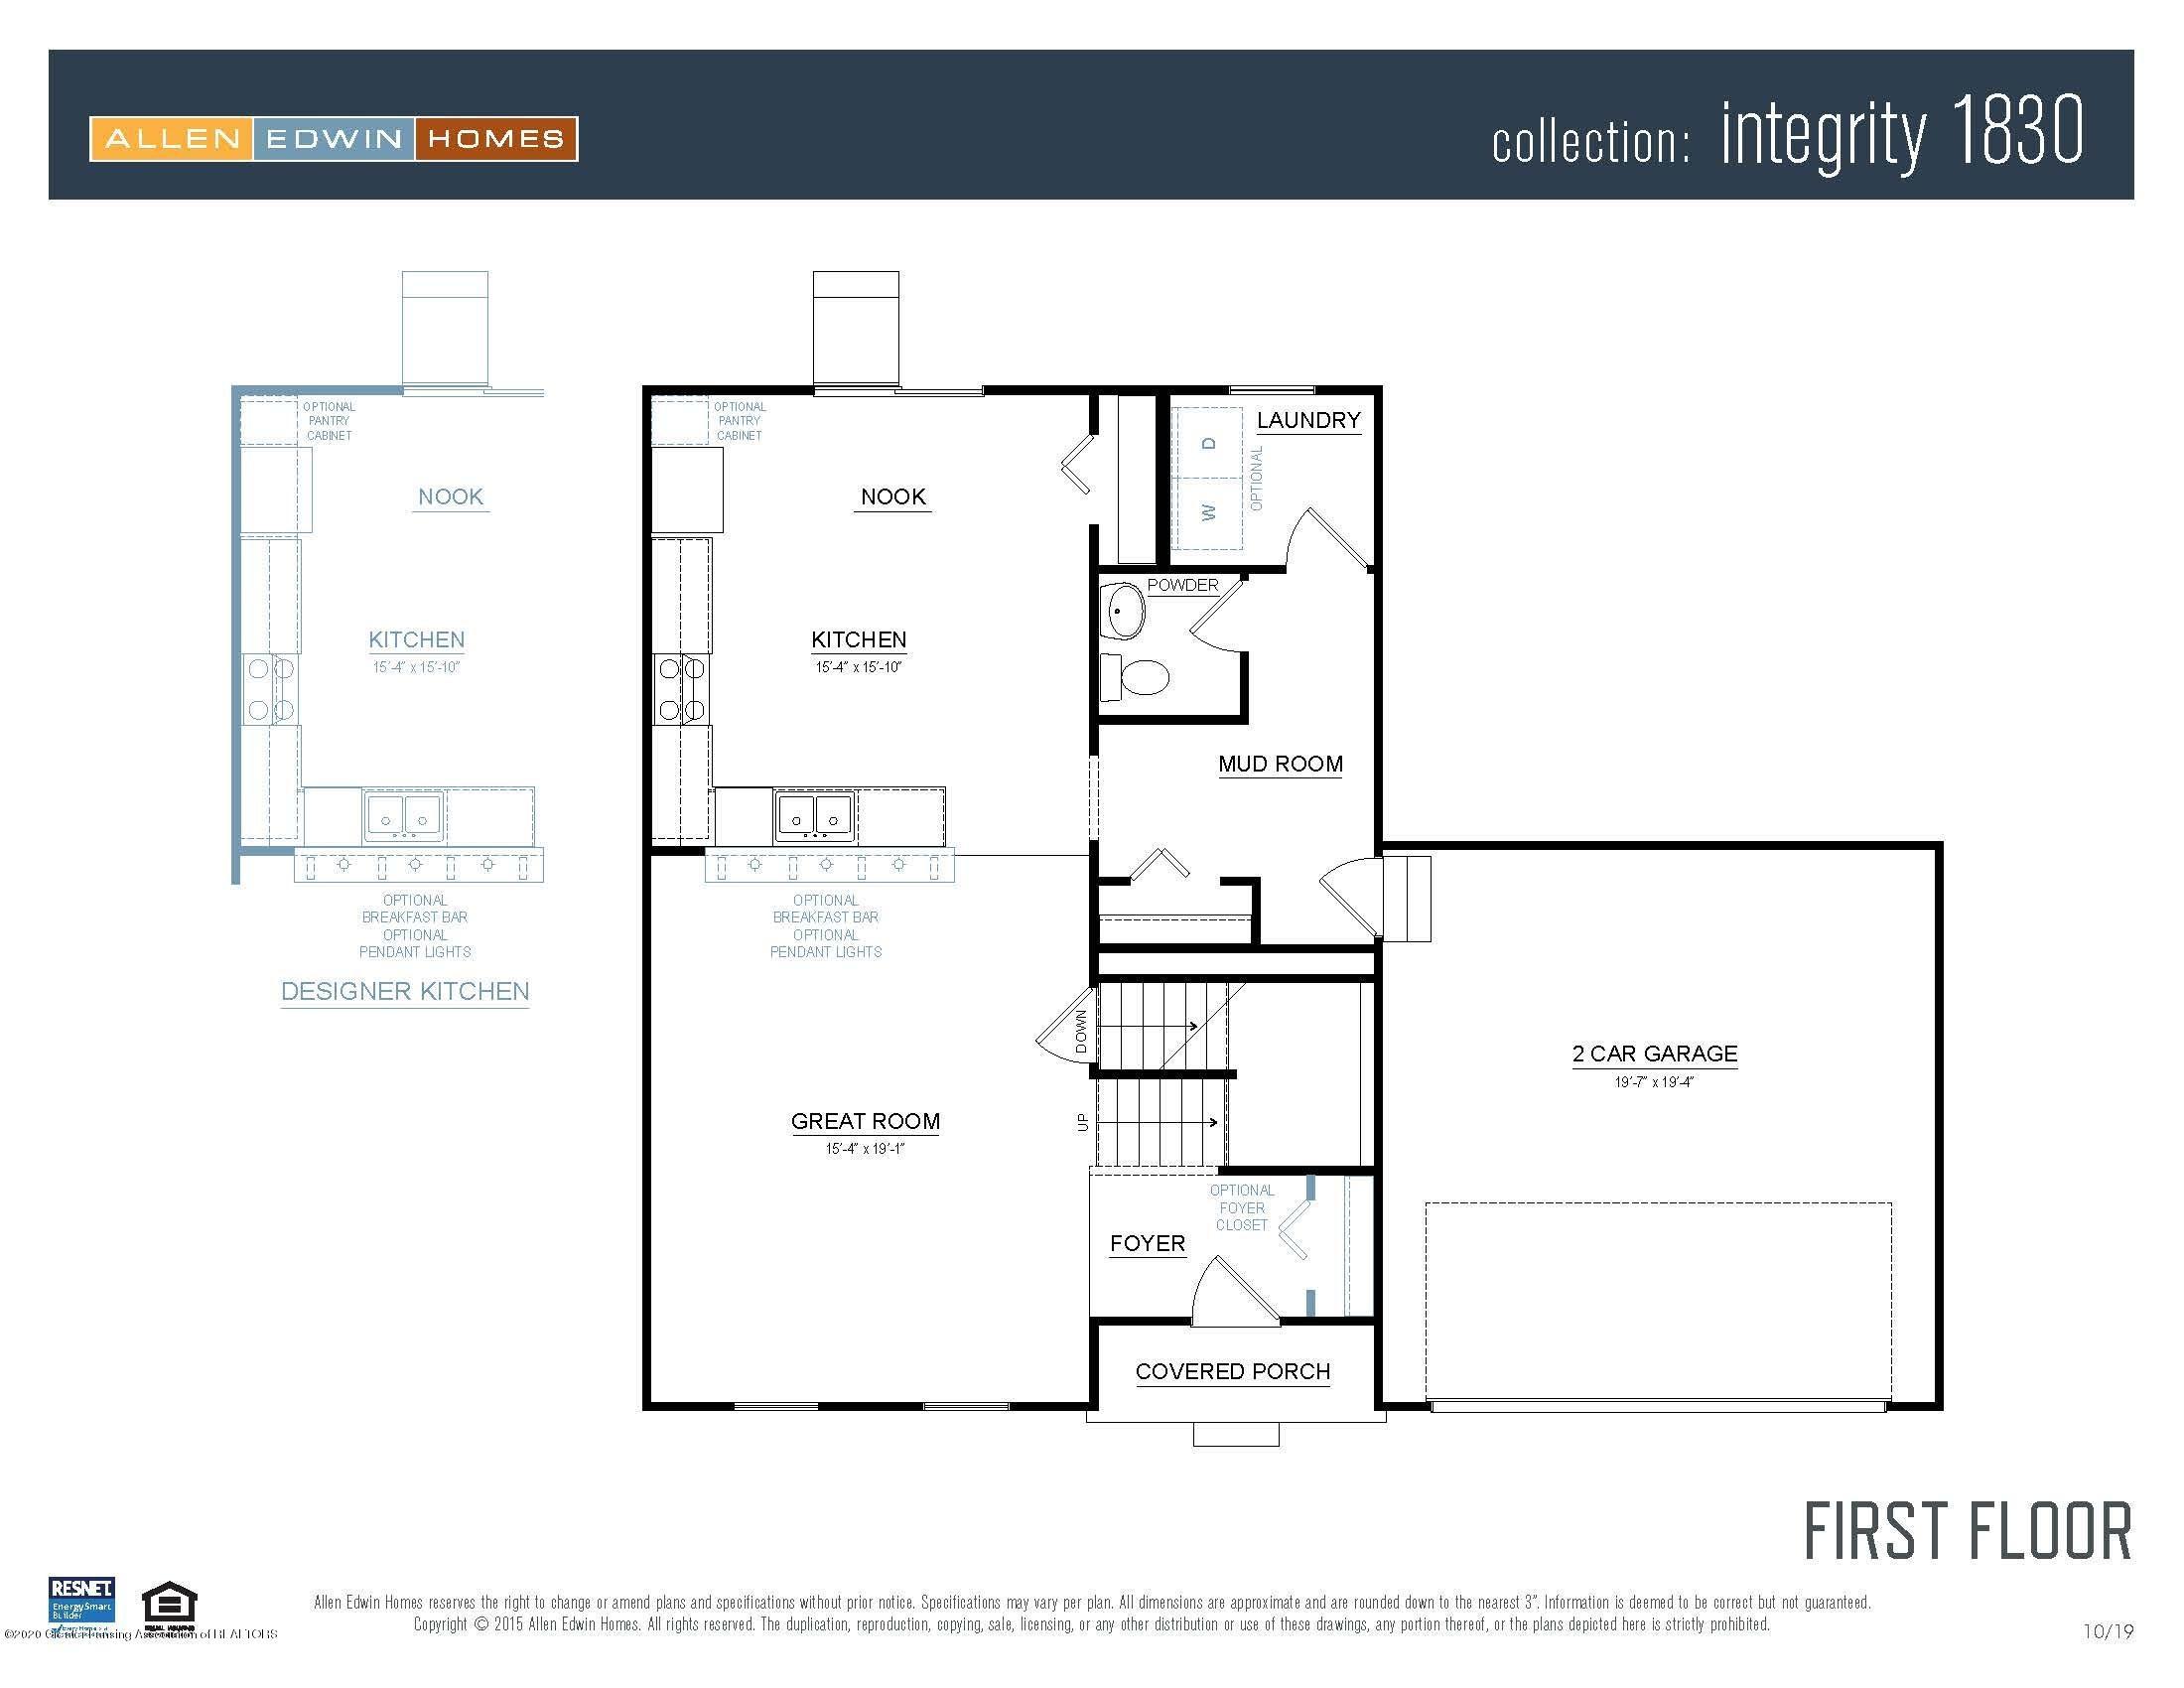 1114 River Oaks Dr - Integrity 1830 V8.1b First Floor - 17